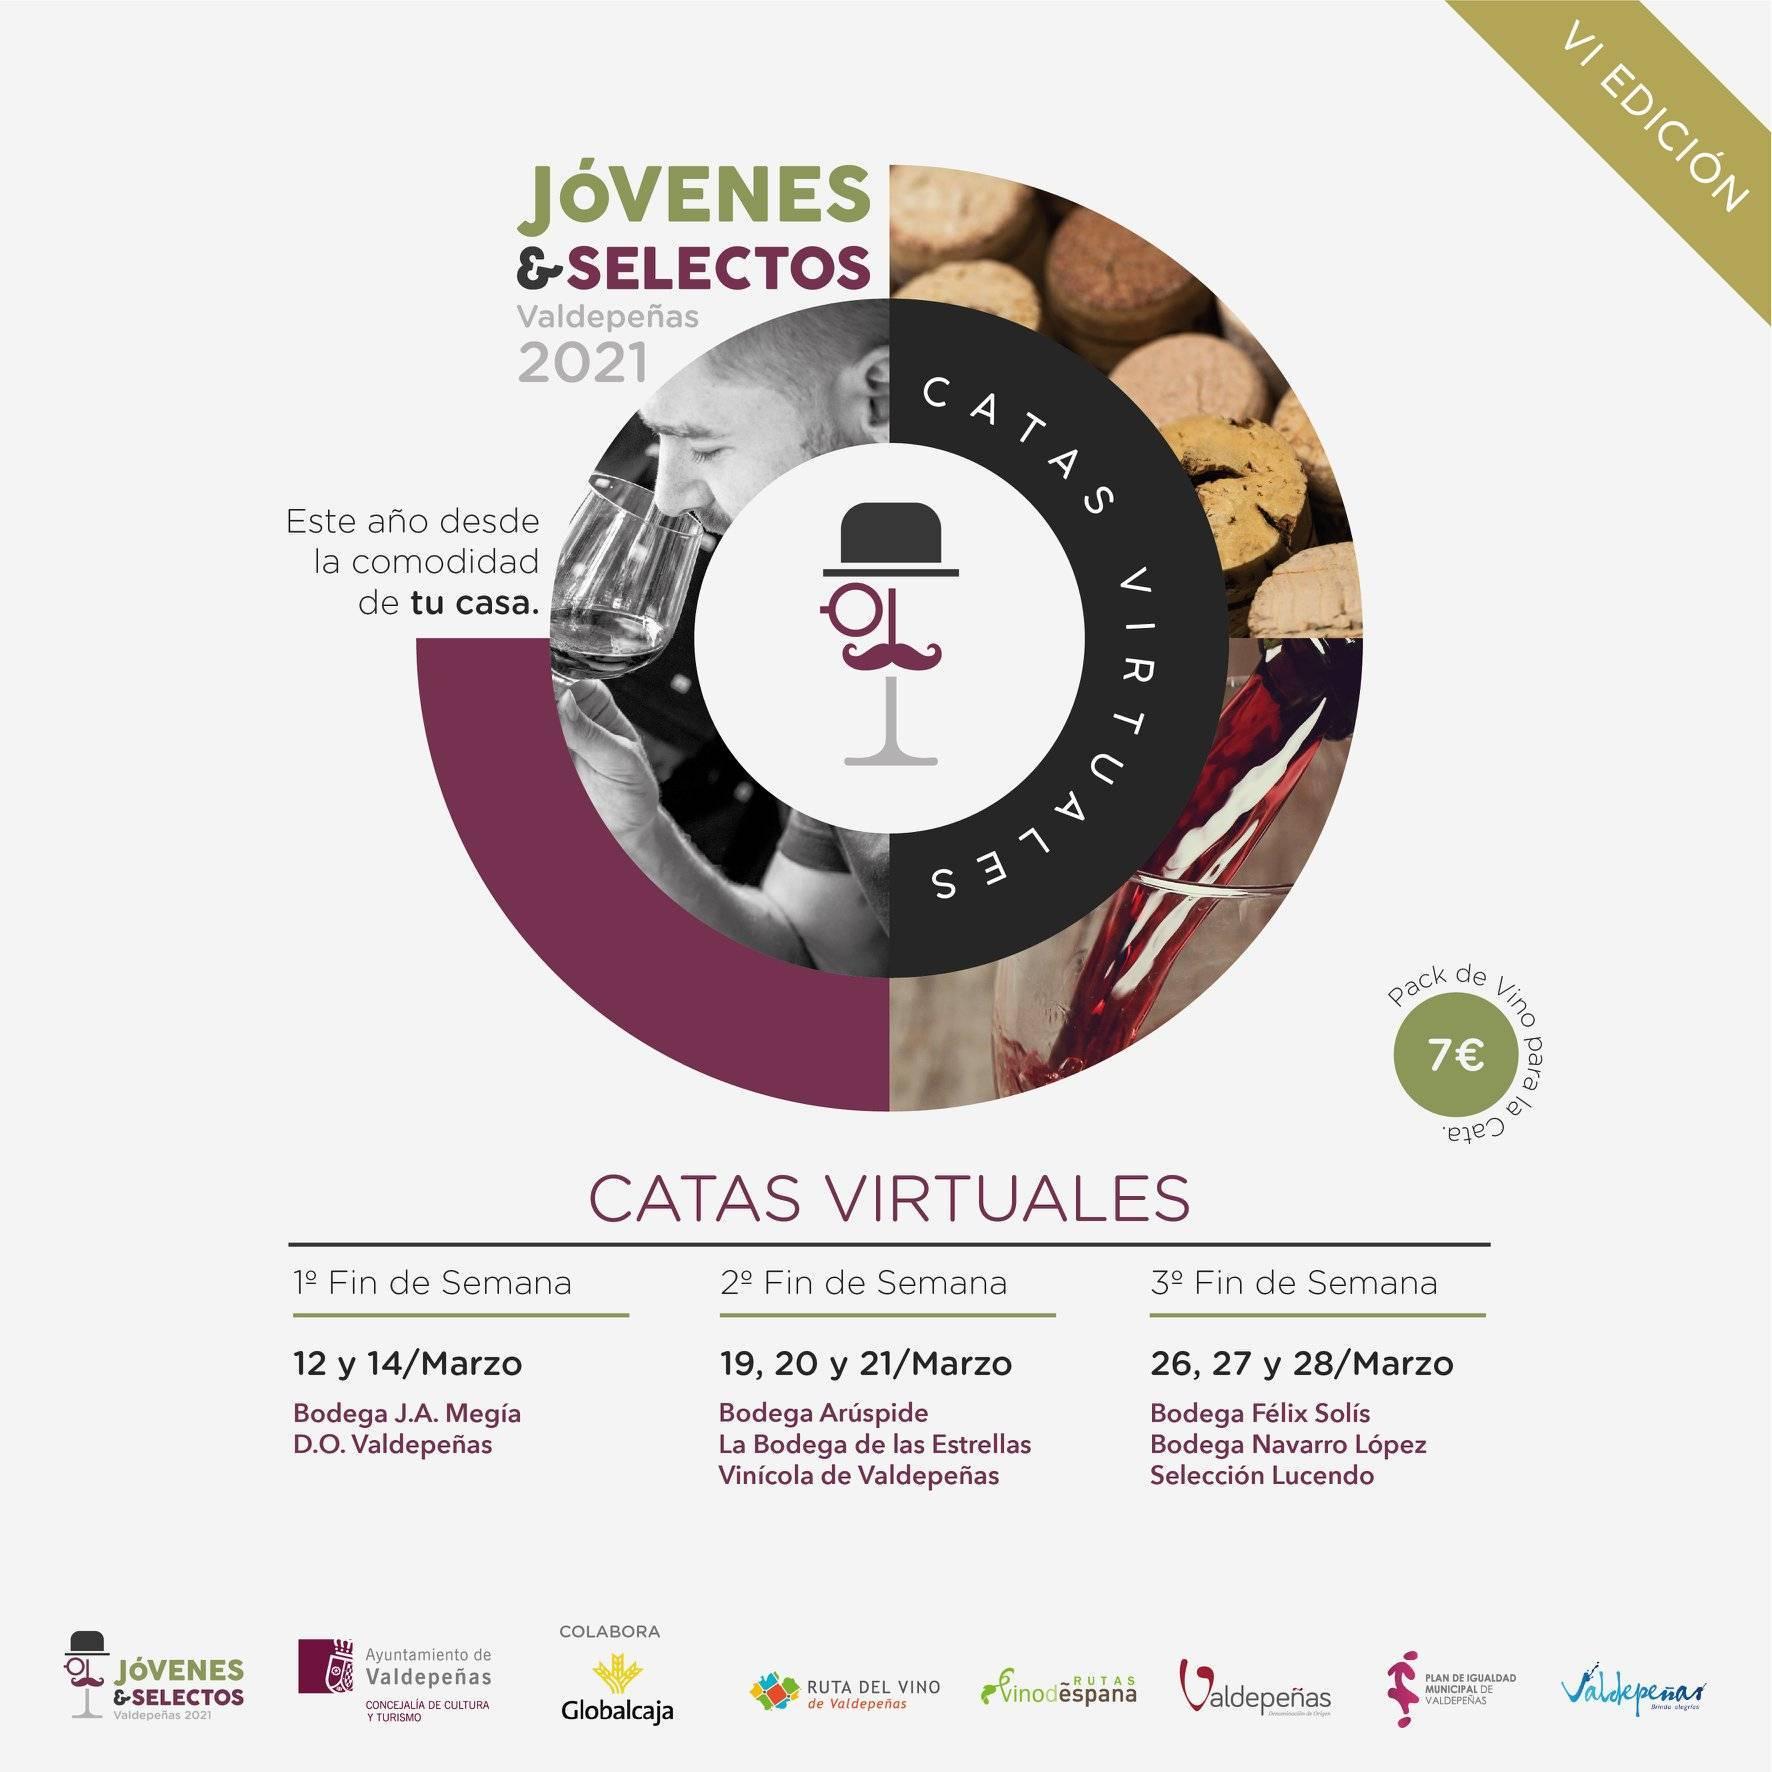 Catas virtuales (2021) - Valdepeñas (Ciudad Real)